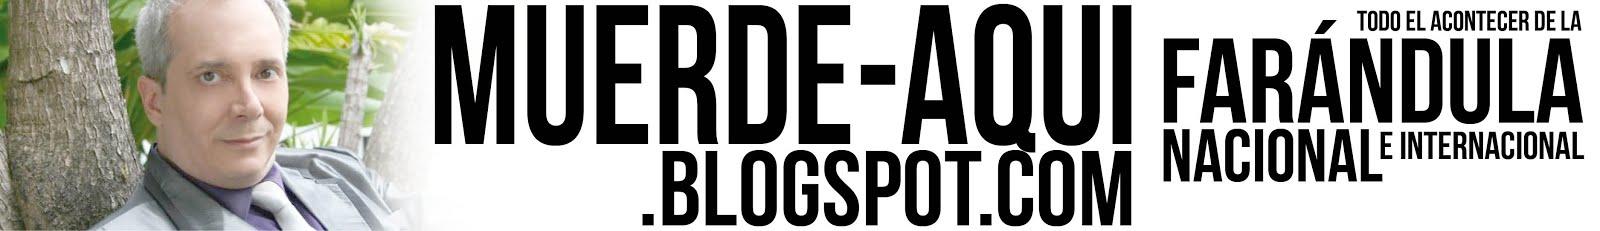 Muerde.Aqui.blogspot.com